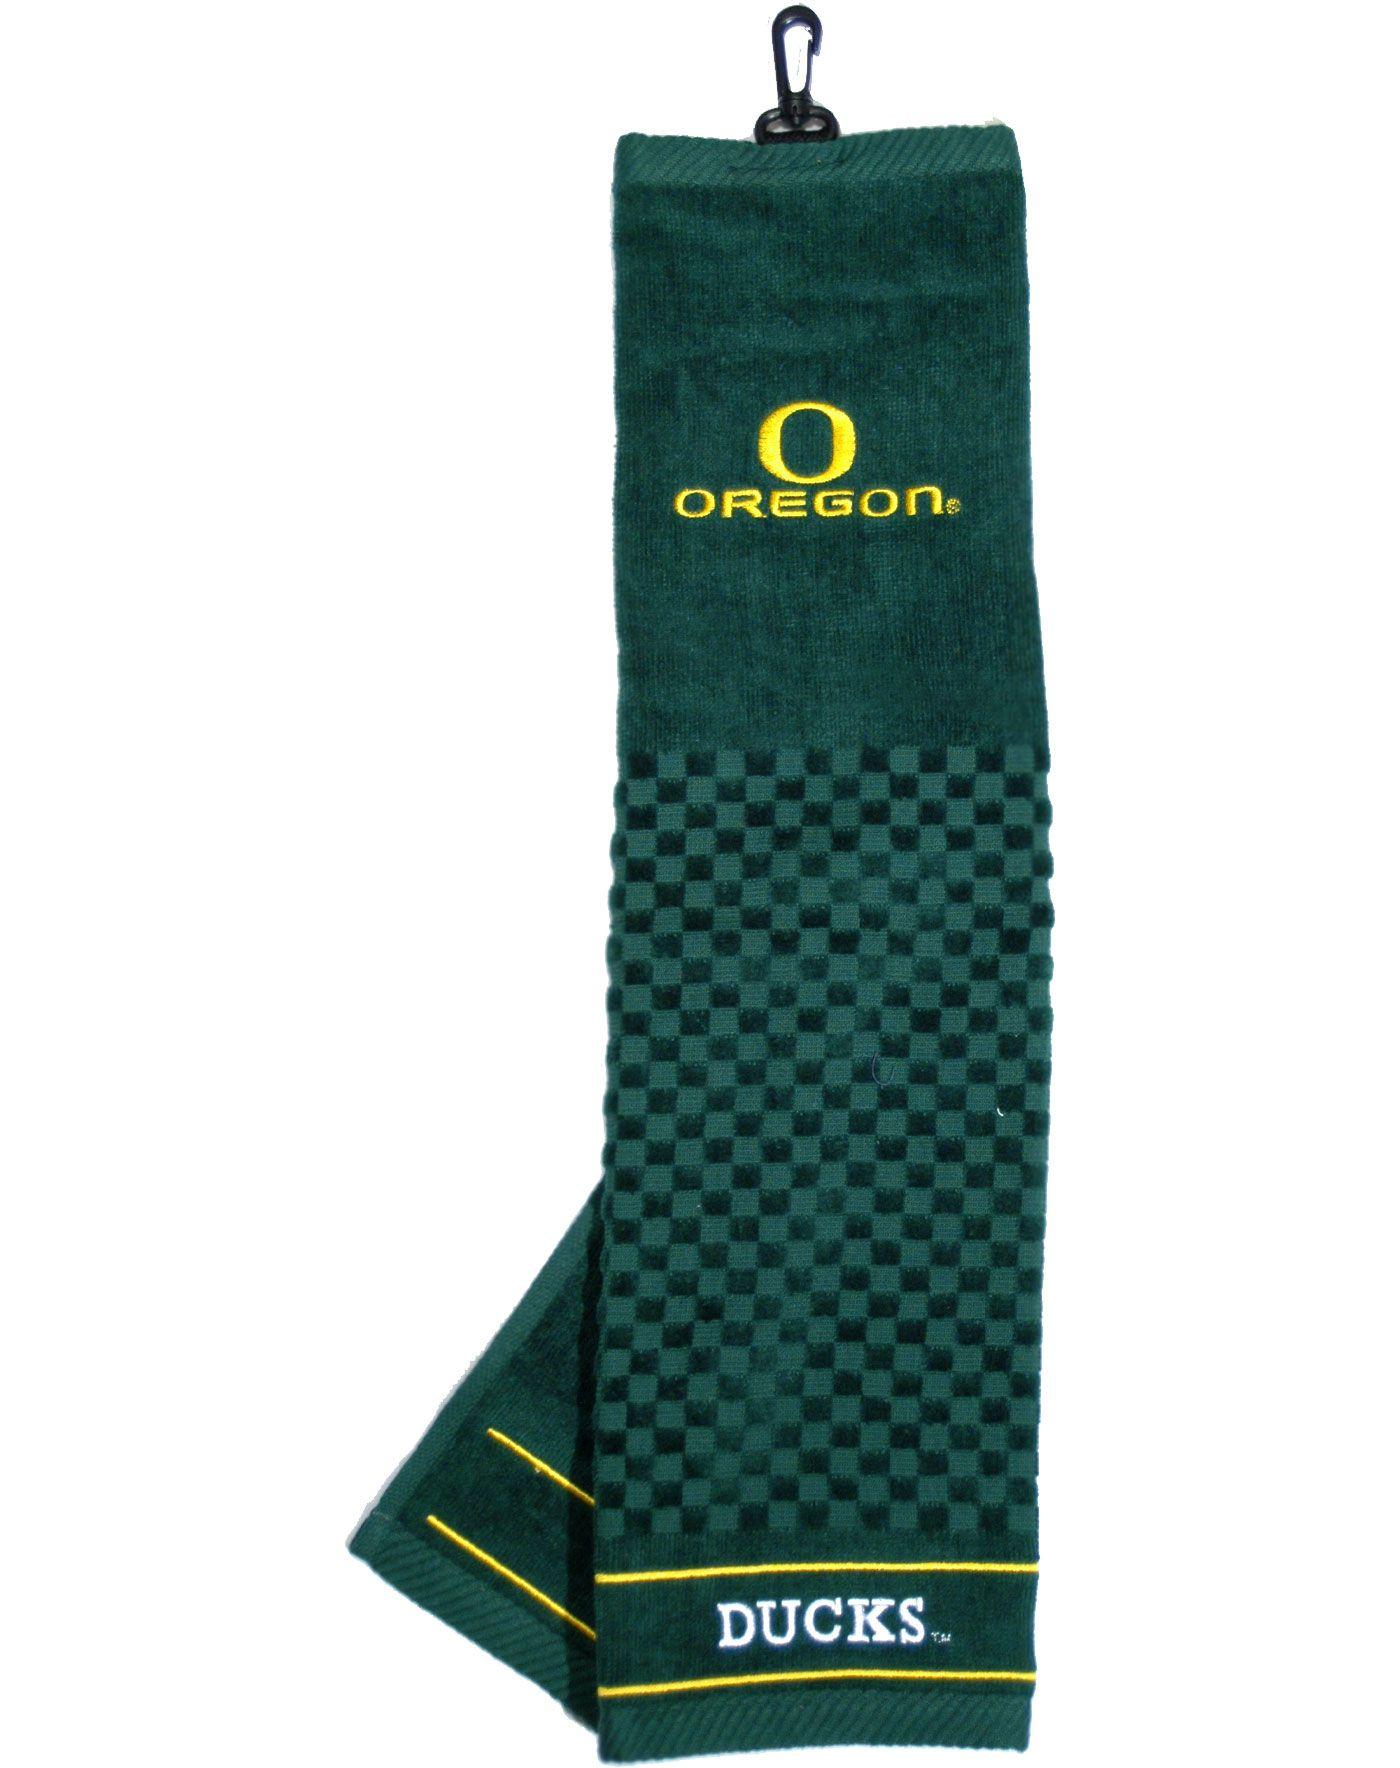 Team Golf Oregon Ducks Embroidered Towel